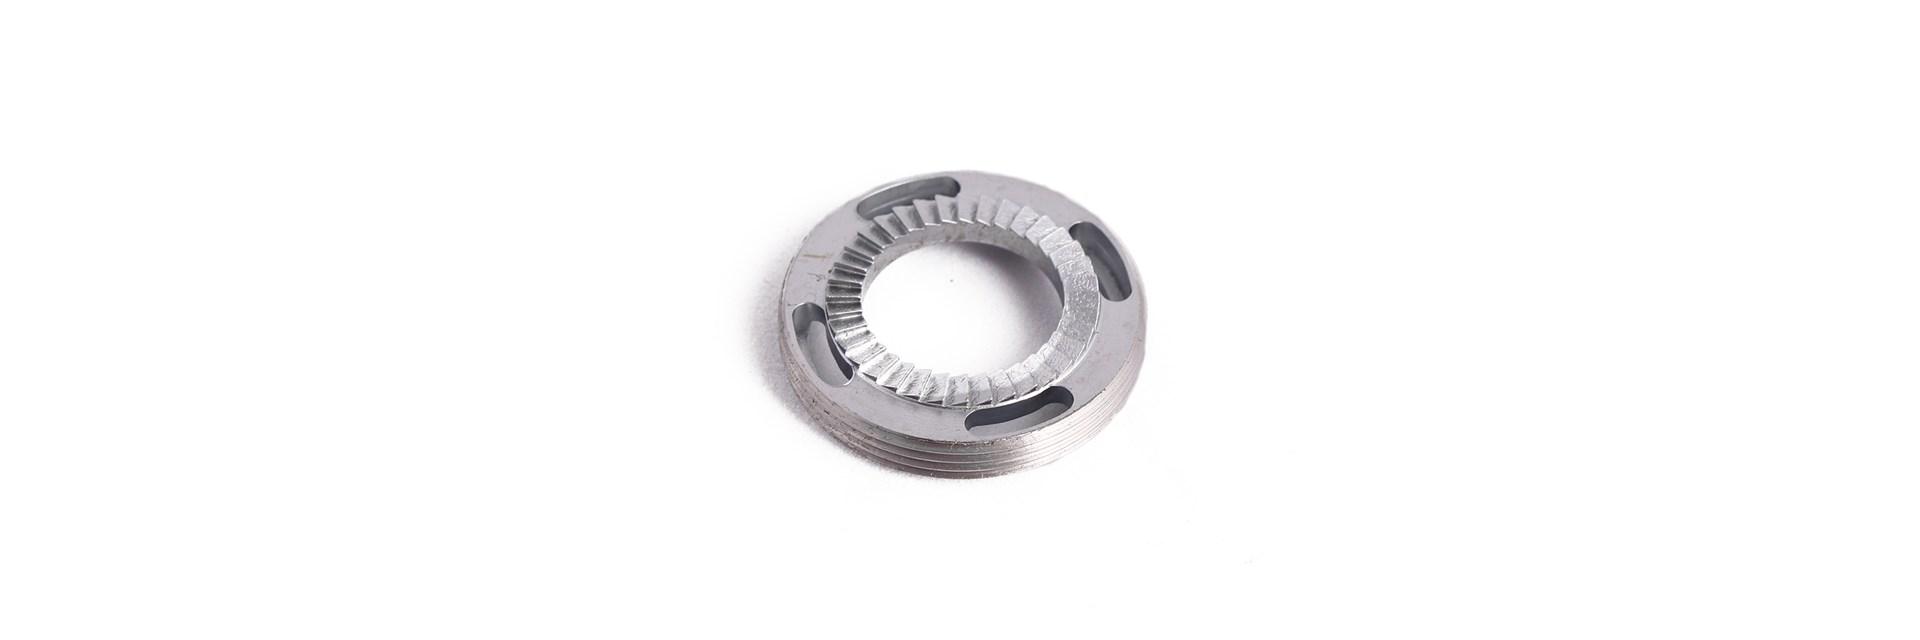 Aneis De Tracionamento Mtb Ring V1